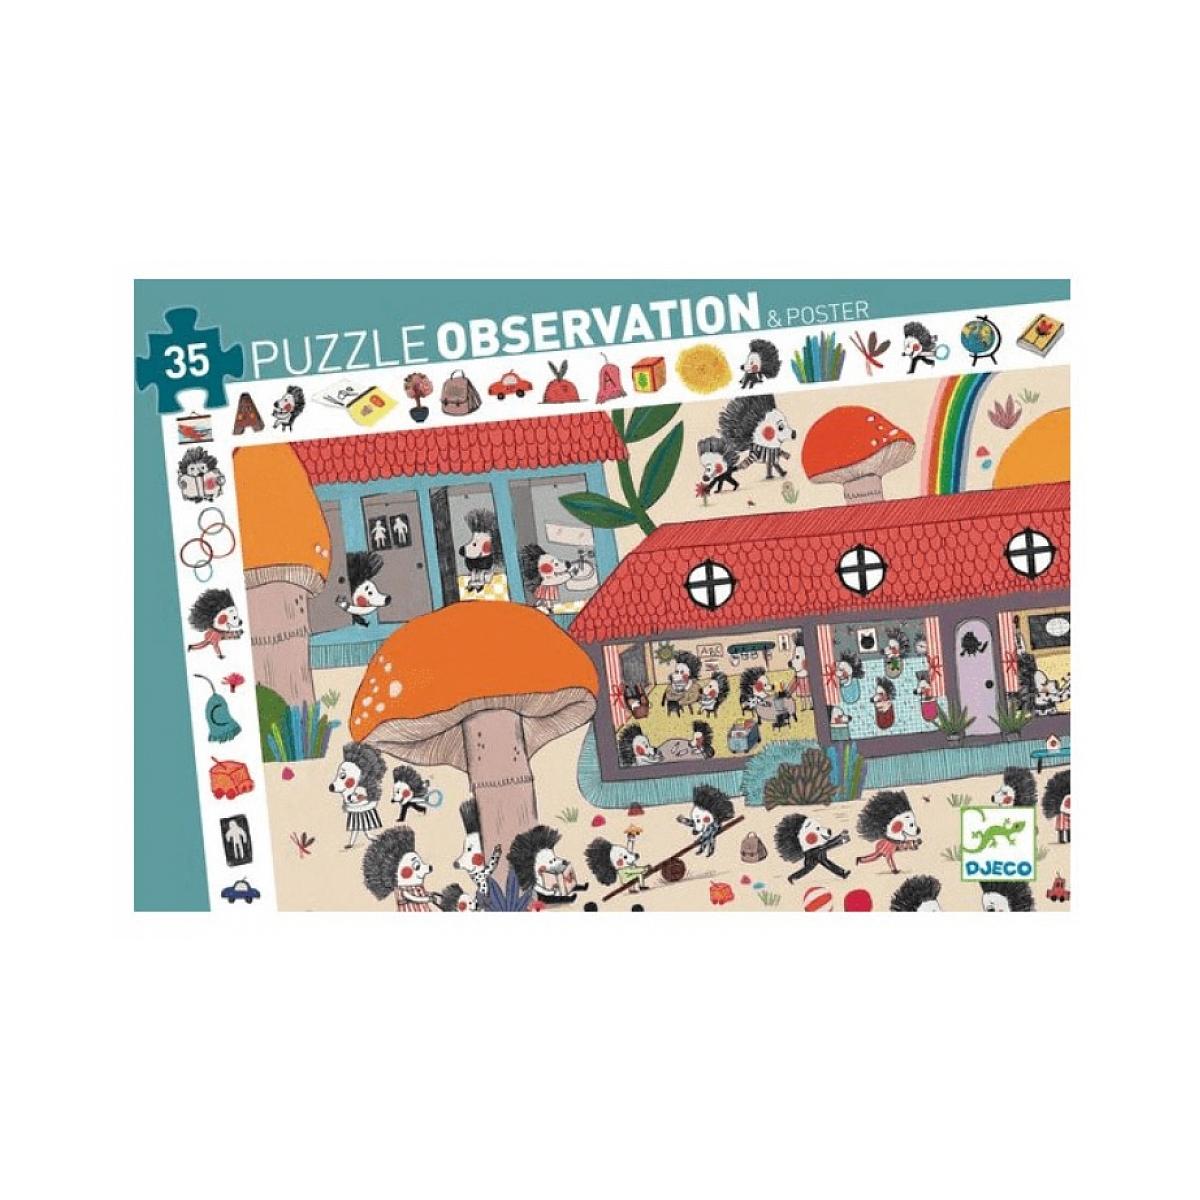 Djeco - Puzzle observation Ecole des herissons 35 pcs